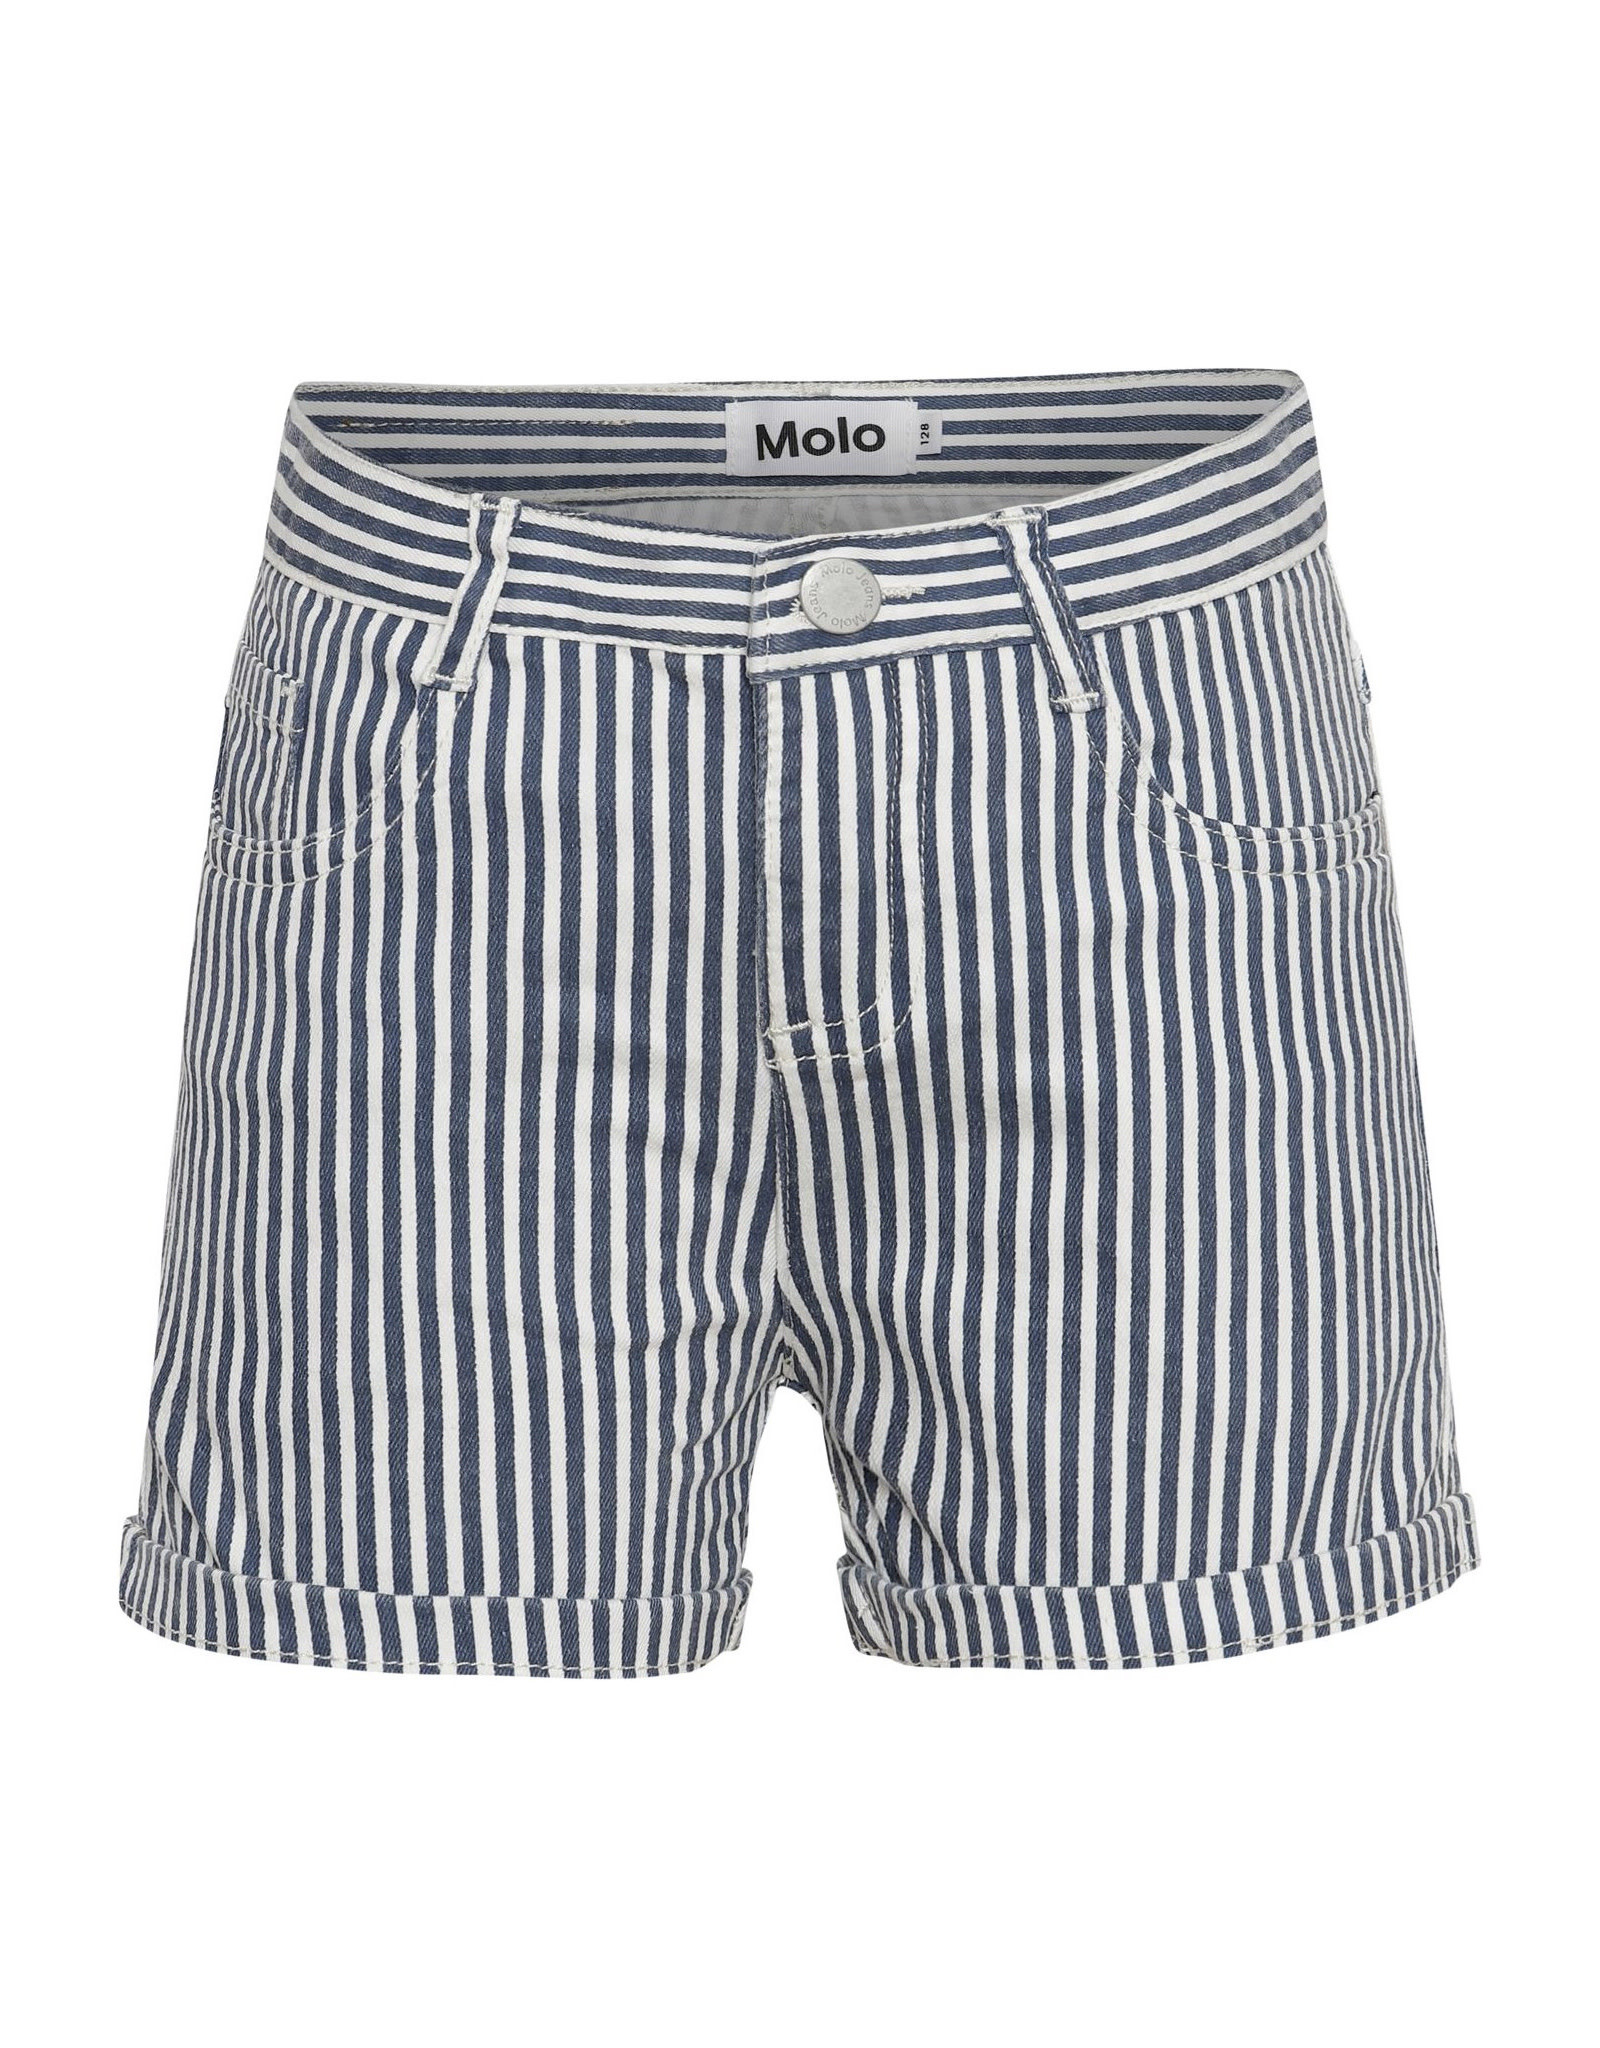 Molo Audrey Eclipse Stripe Shorts